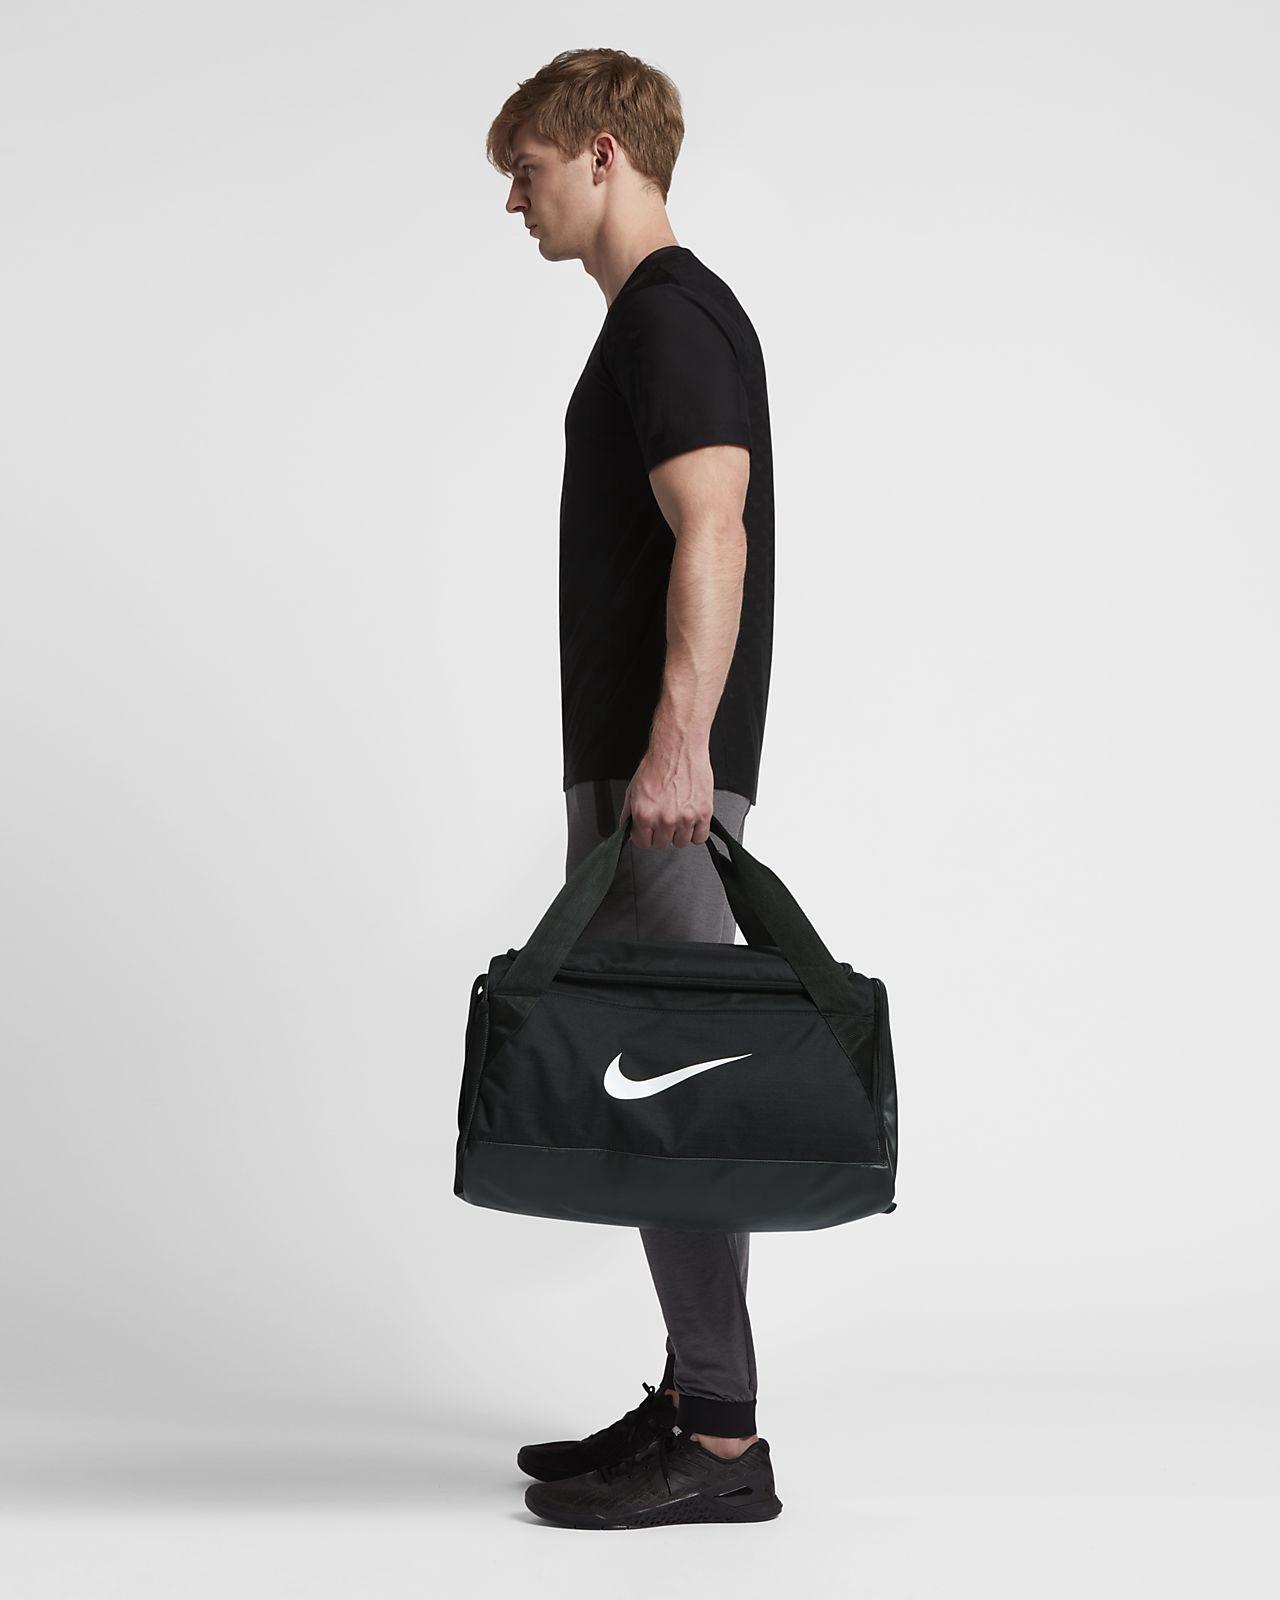 dbe4b37f1418 Nike Brasilia Training Duffel Bag (Small) - Black Black White Os ...